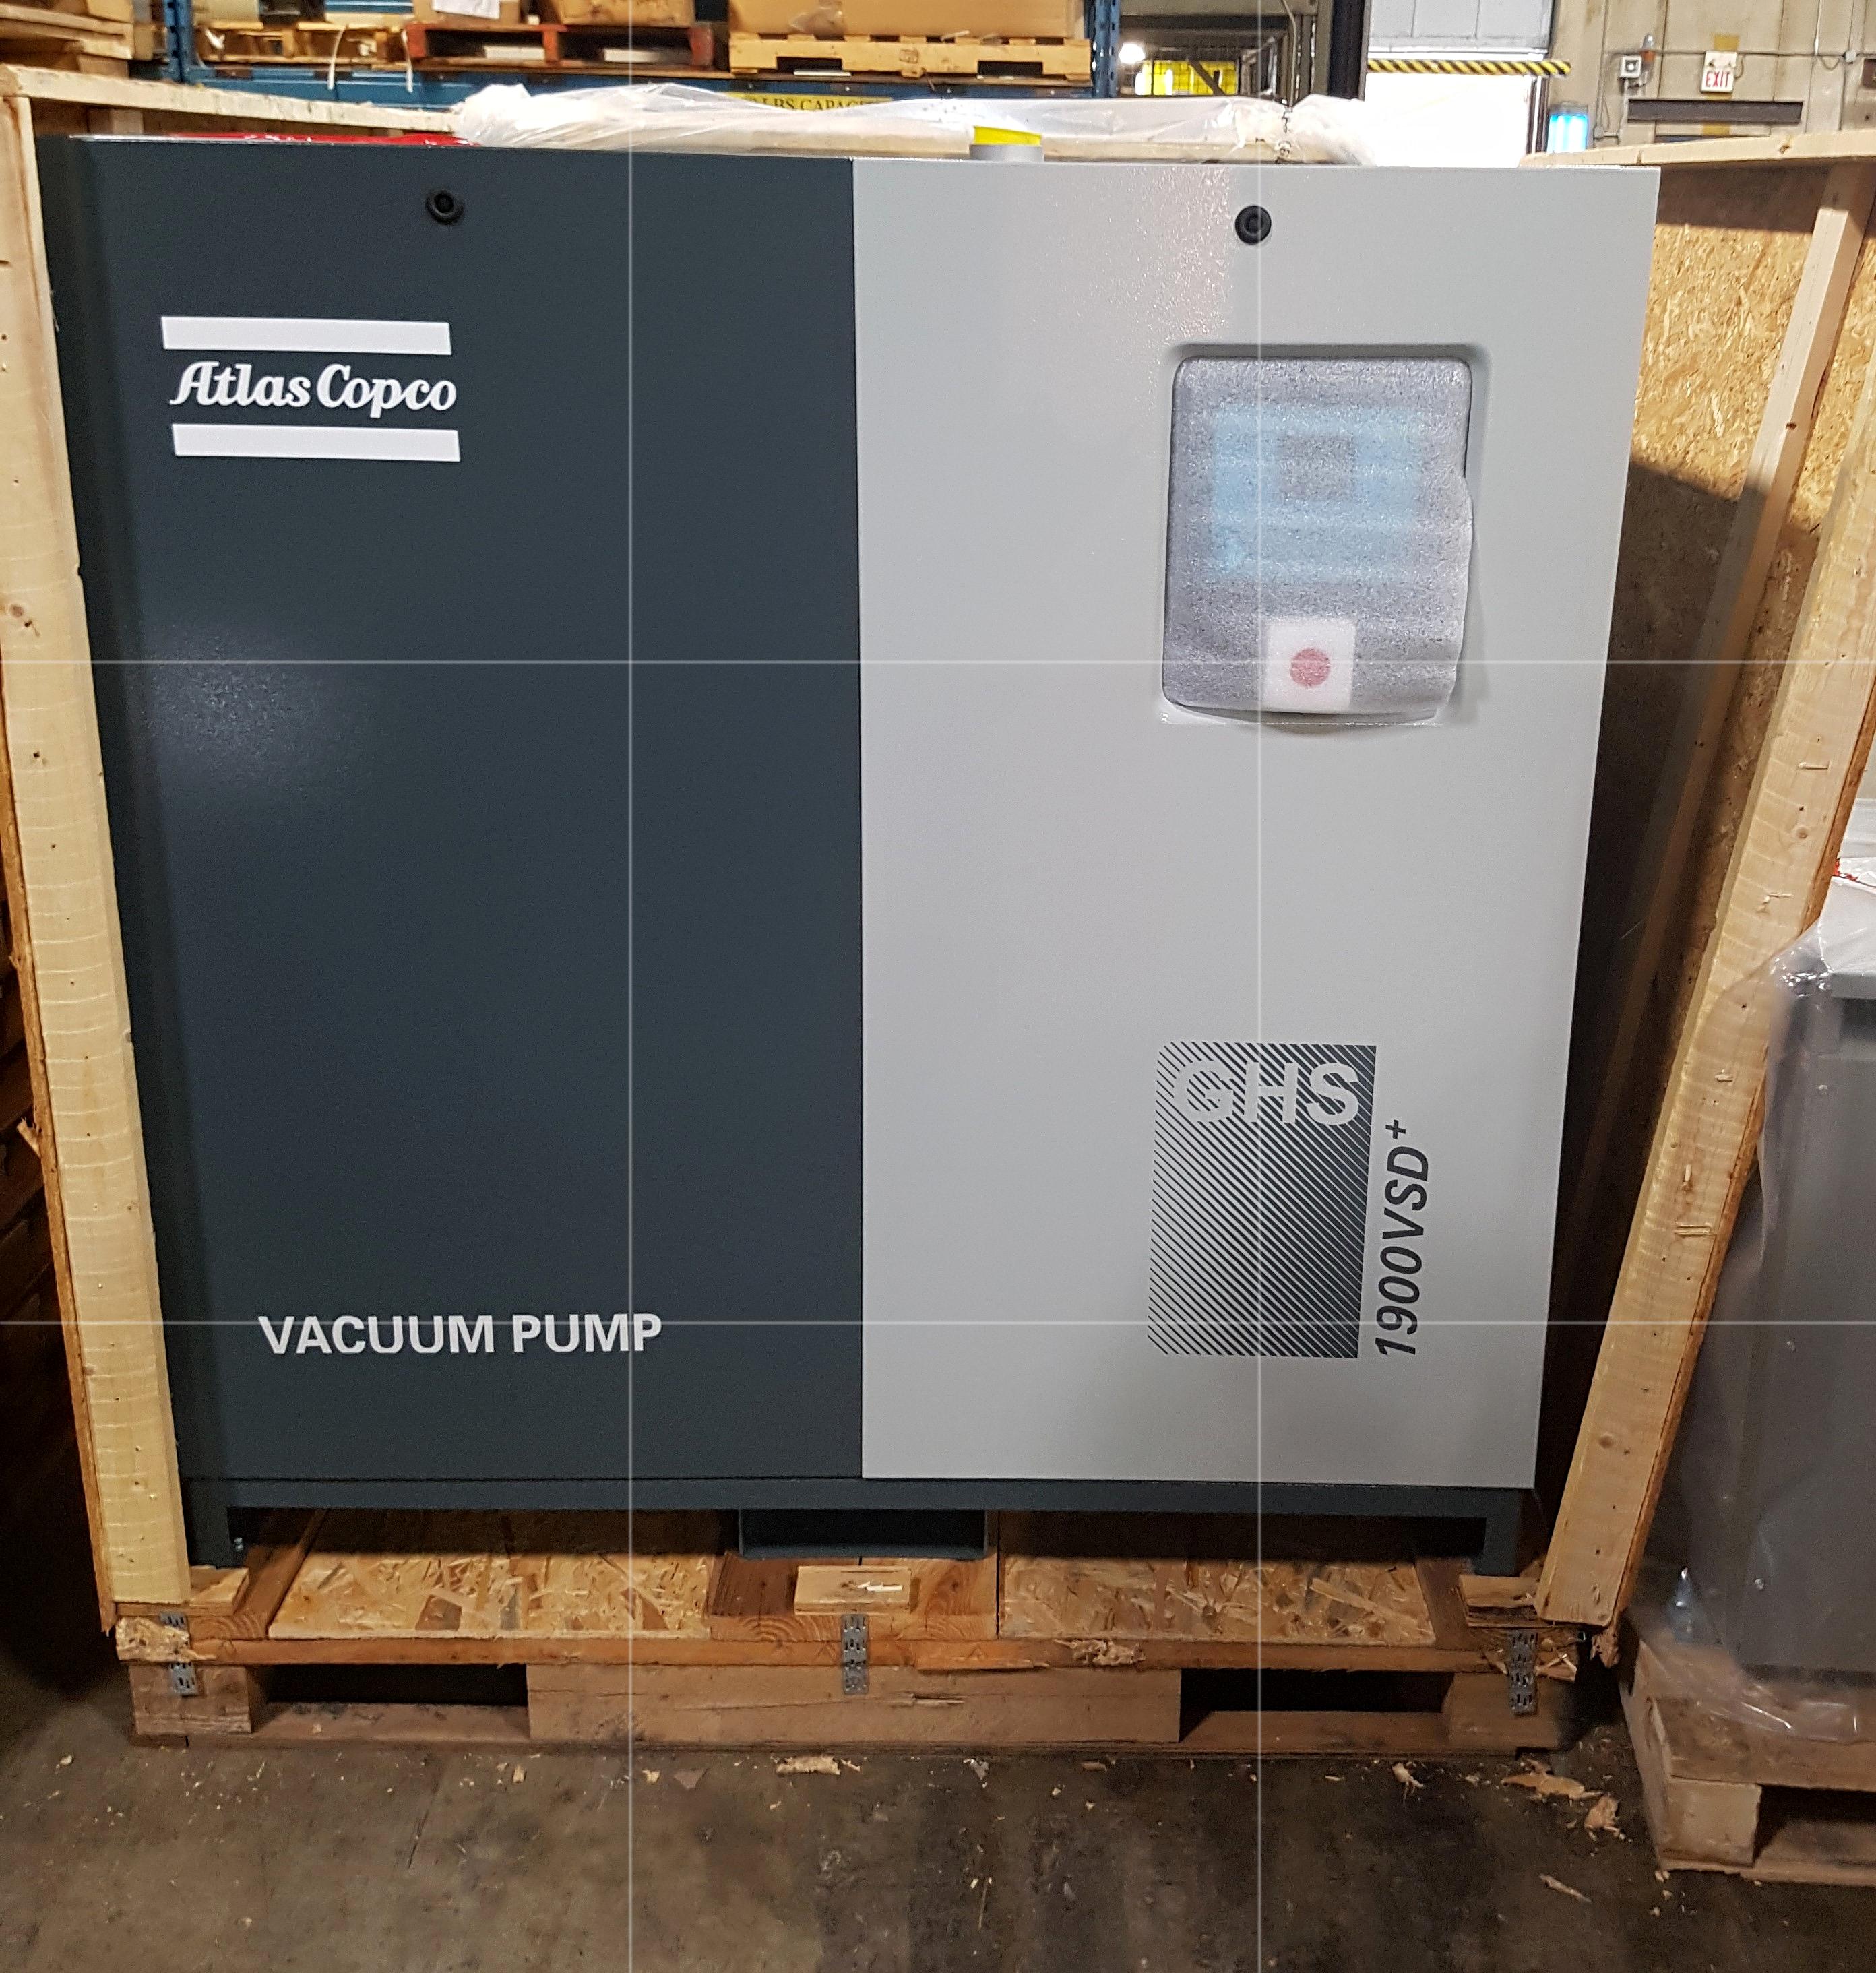 Atlas Copco Vacuum Pump GHS 1900VSD+ Compressors For Manufacturing